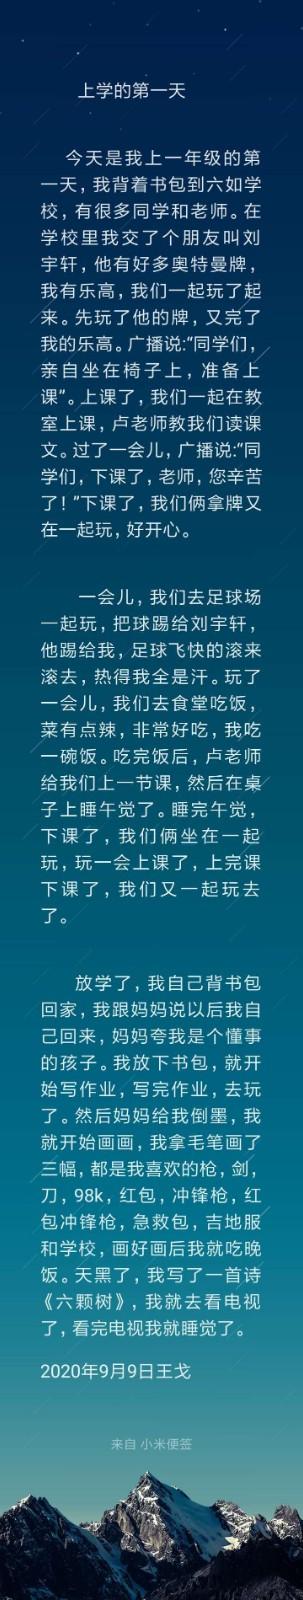 【瑞龙吟·读书路】古典诗词_图1-3